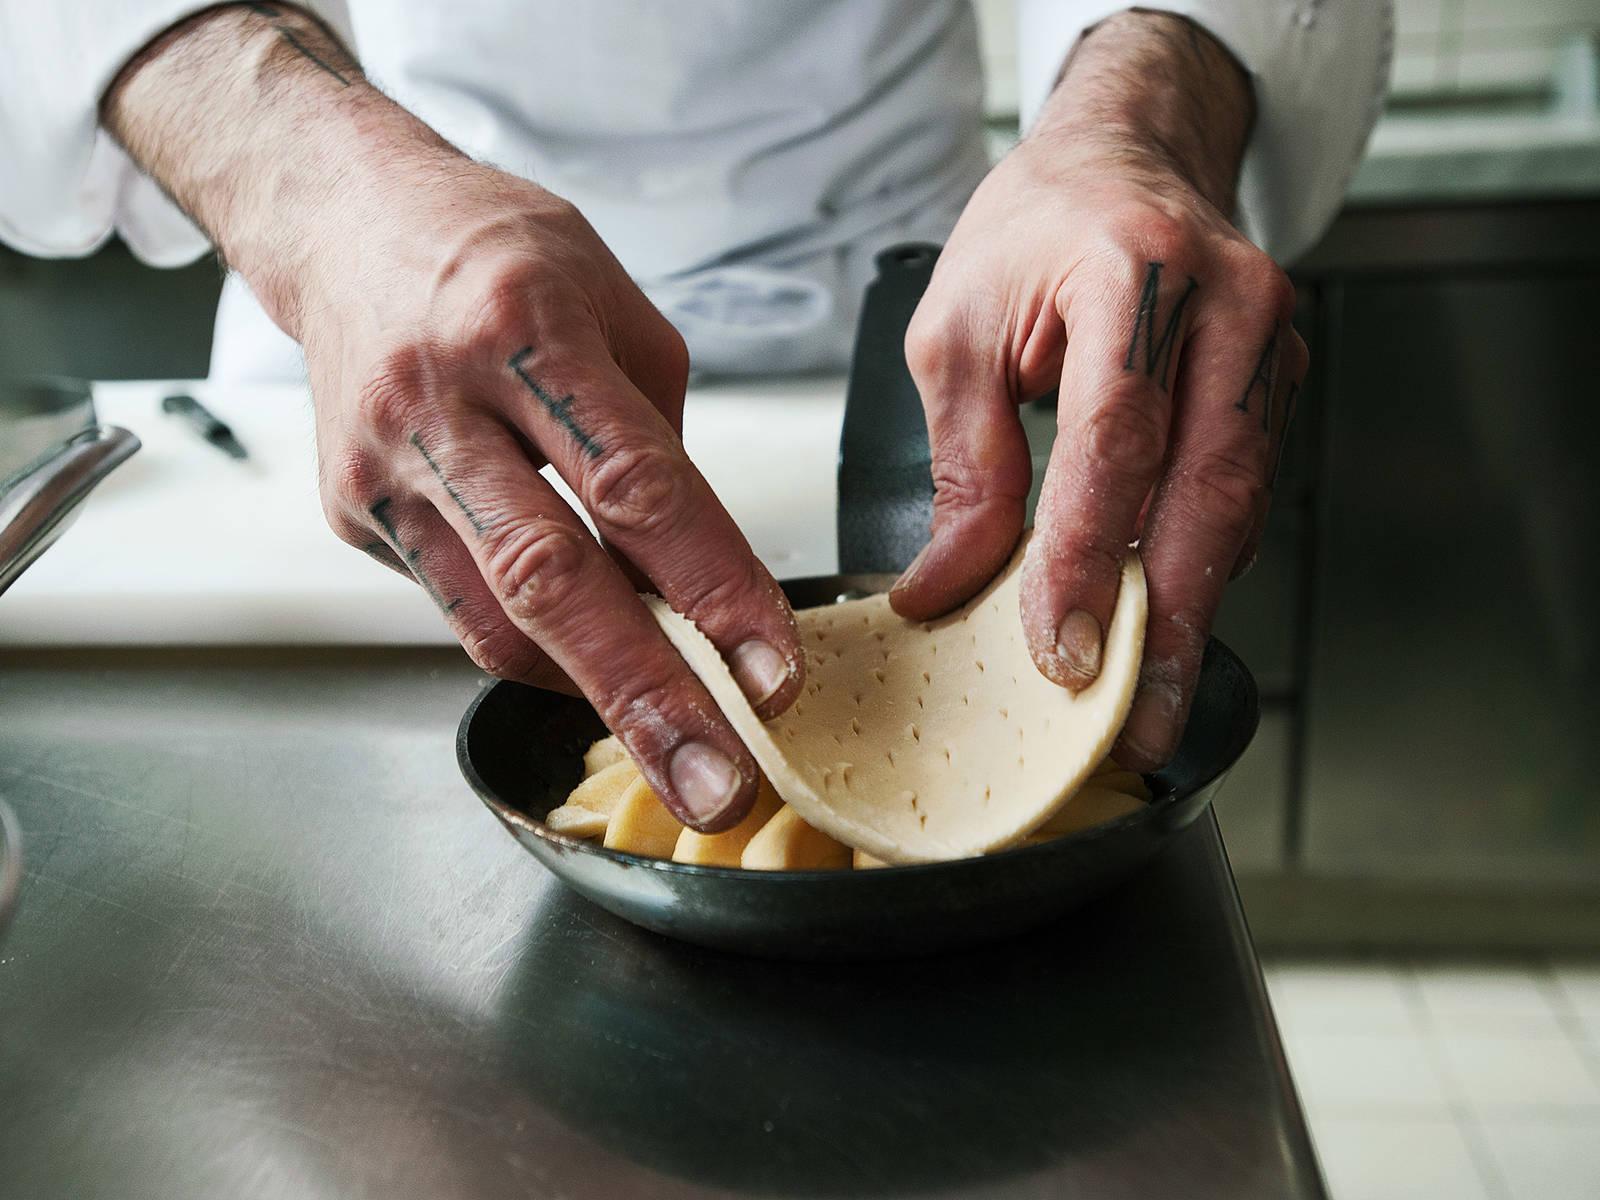 将酥皮切成可覆盖住苹果片的大小,用刀尖戳出纹路。将酥皮放到苹果上,轻轻按压至完全覆盖。